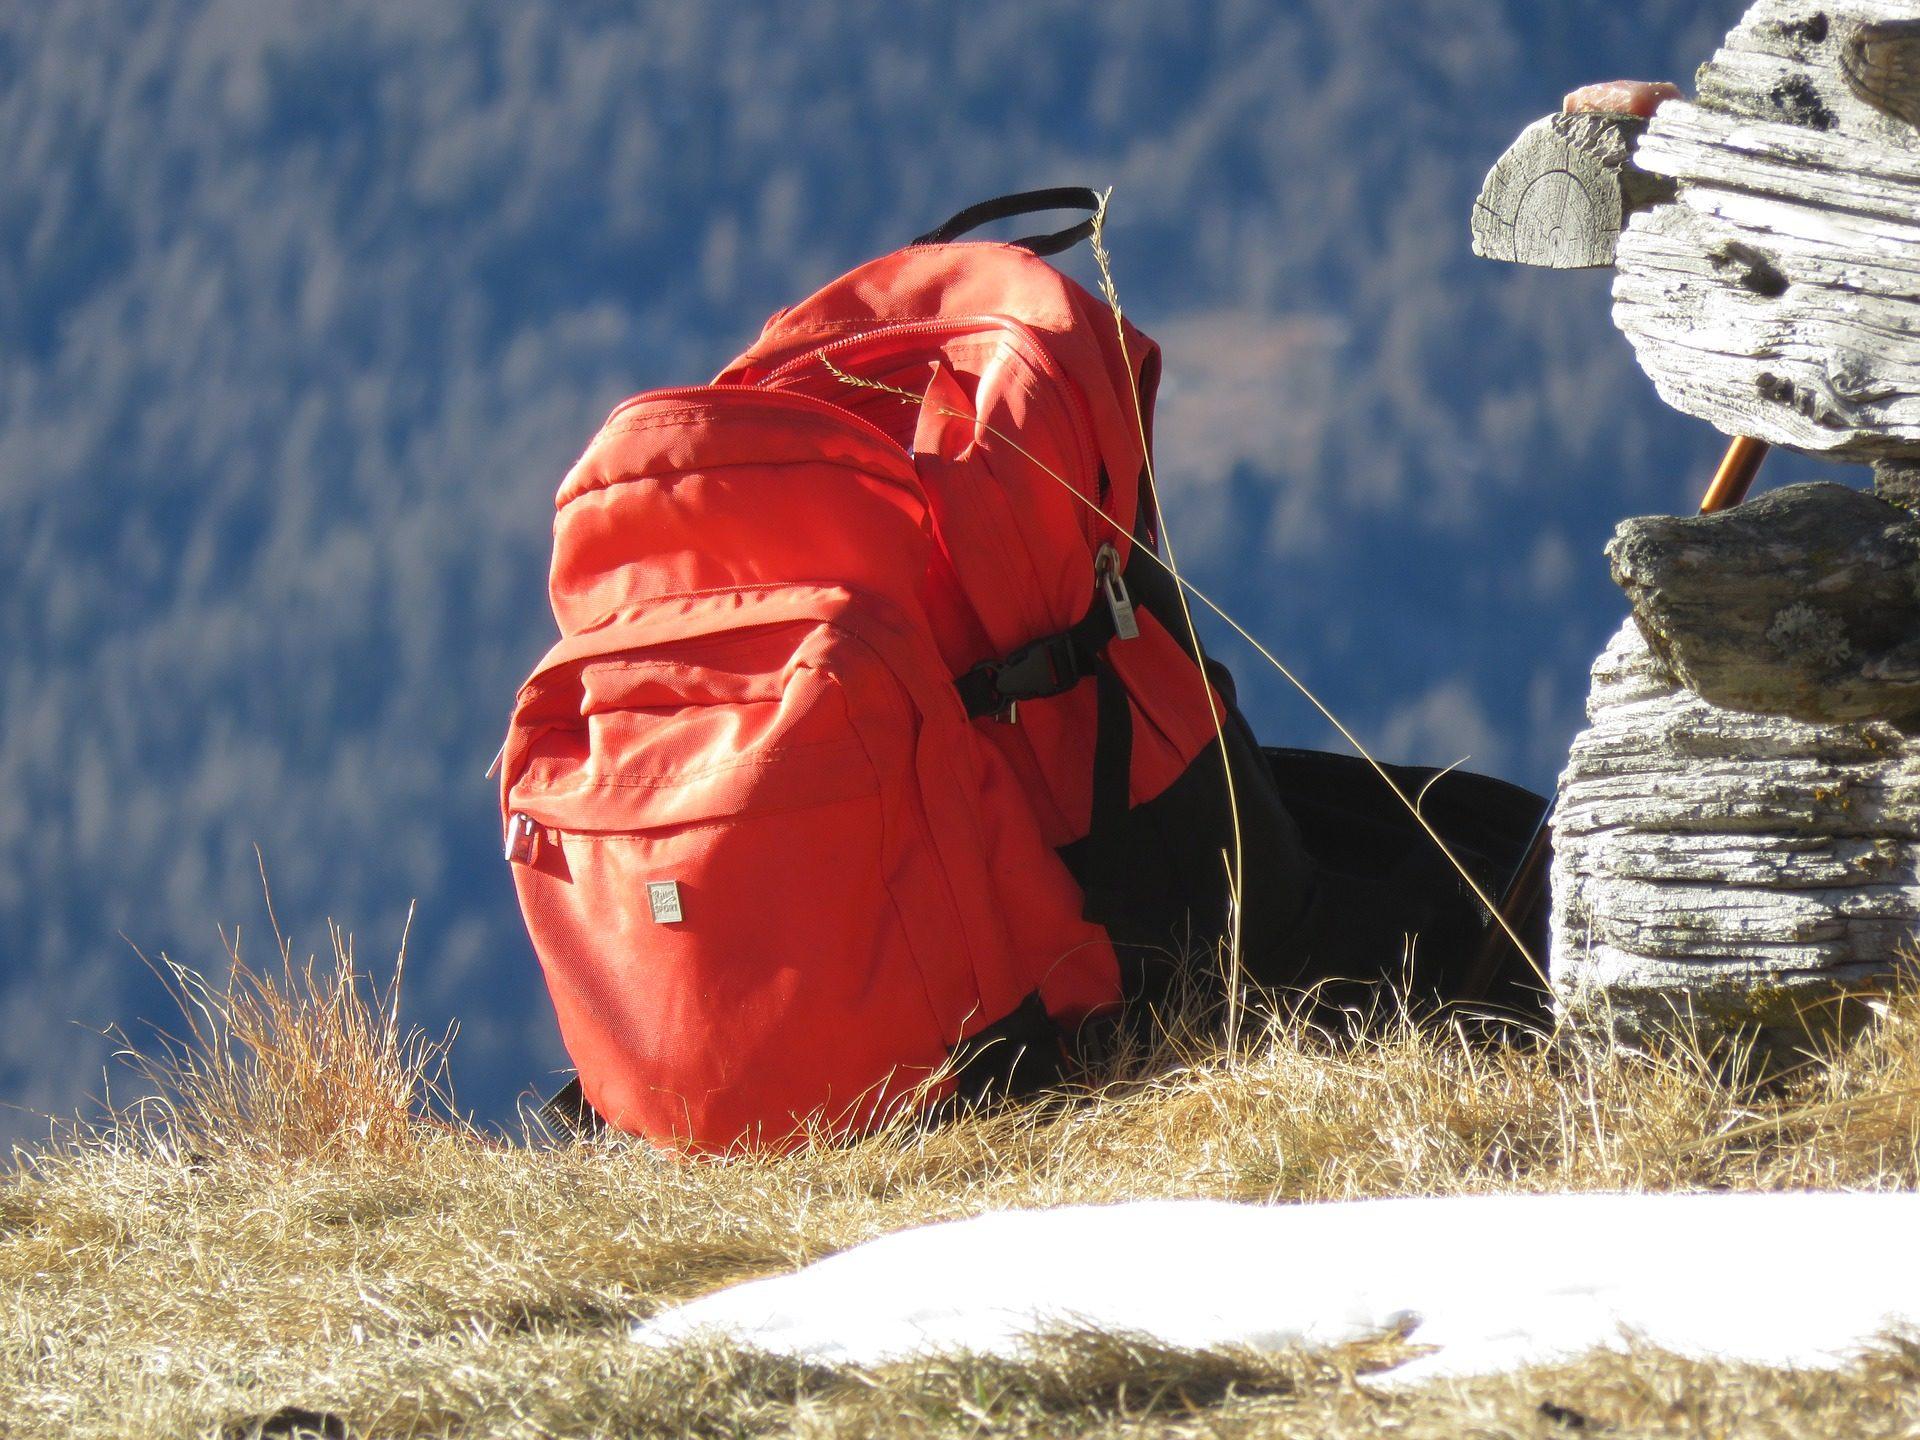 Sac à dos, matériel, traversant, randonnée pédestre, mise en service - Fonds d'écran HD - Professor-falken.com